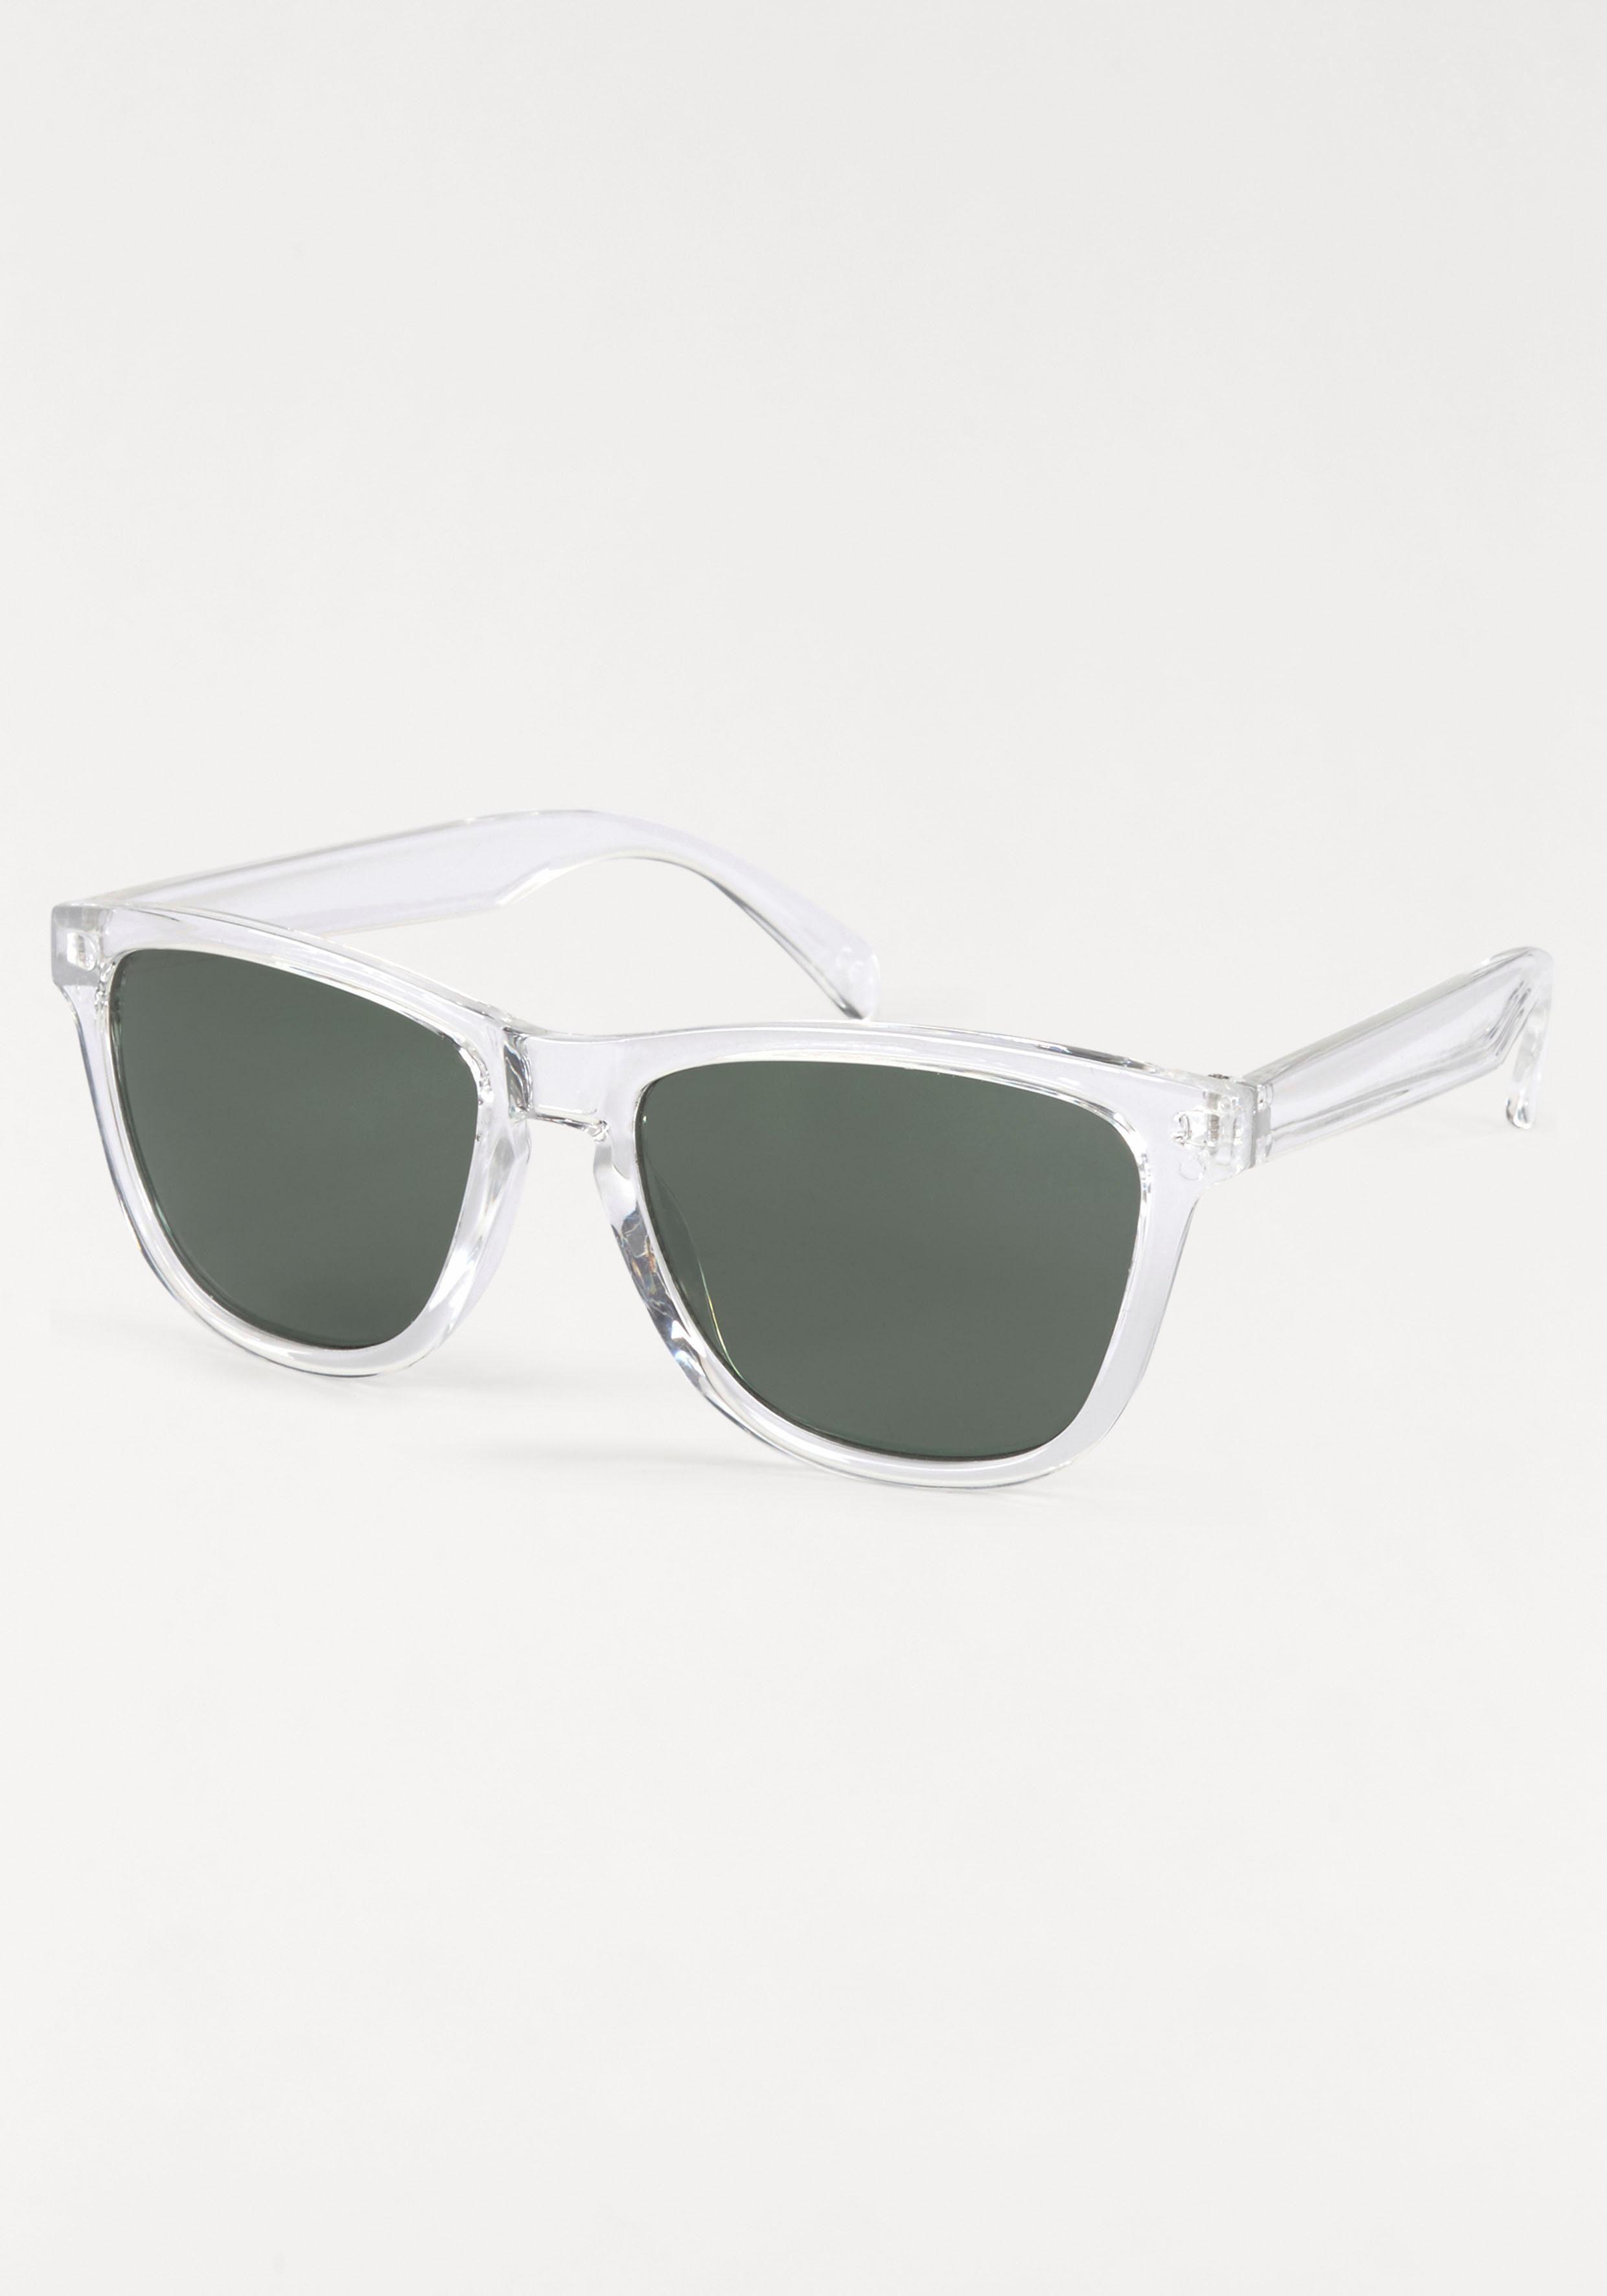 PRIMETTA Eyewear Sonnenbrille im coolen Look